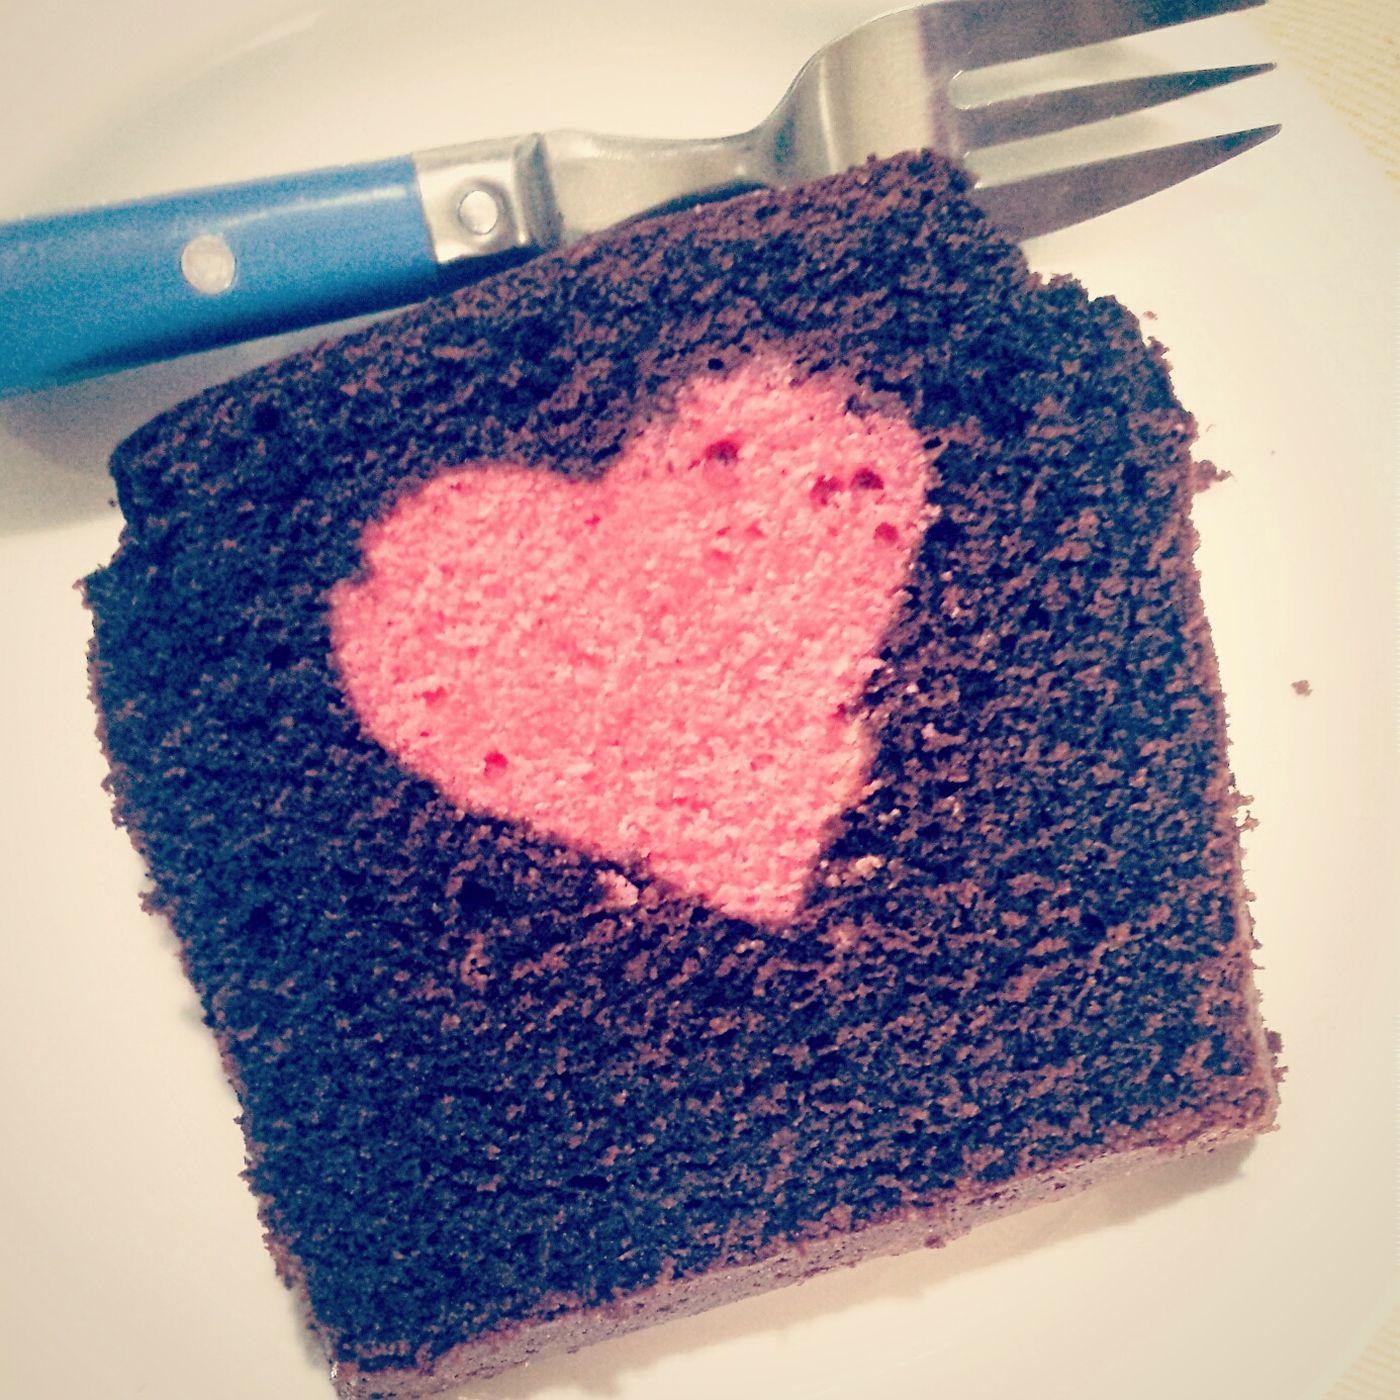 L'amore sta nella preparazione di una torta per i suoi amore Tortamodeon Cake Cake Cake Cake  Cake Time Cakelovers Torta Cakelover Amore Love ♥ Lovecake Italianbreakfast